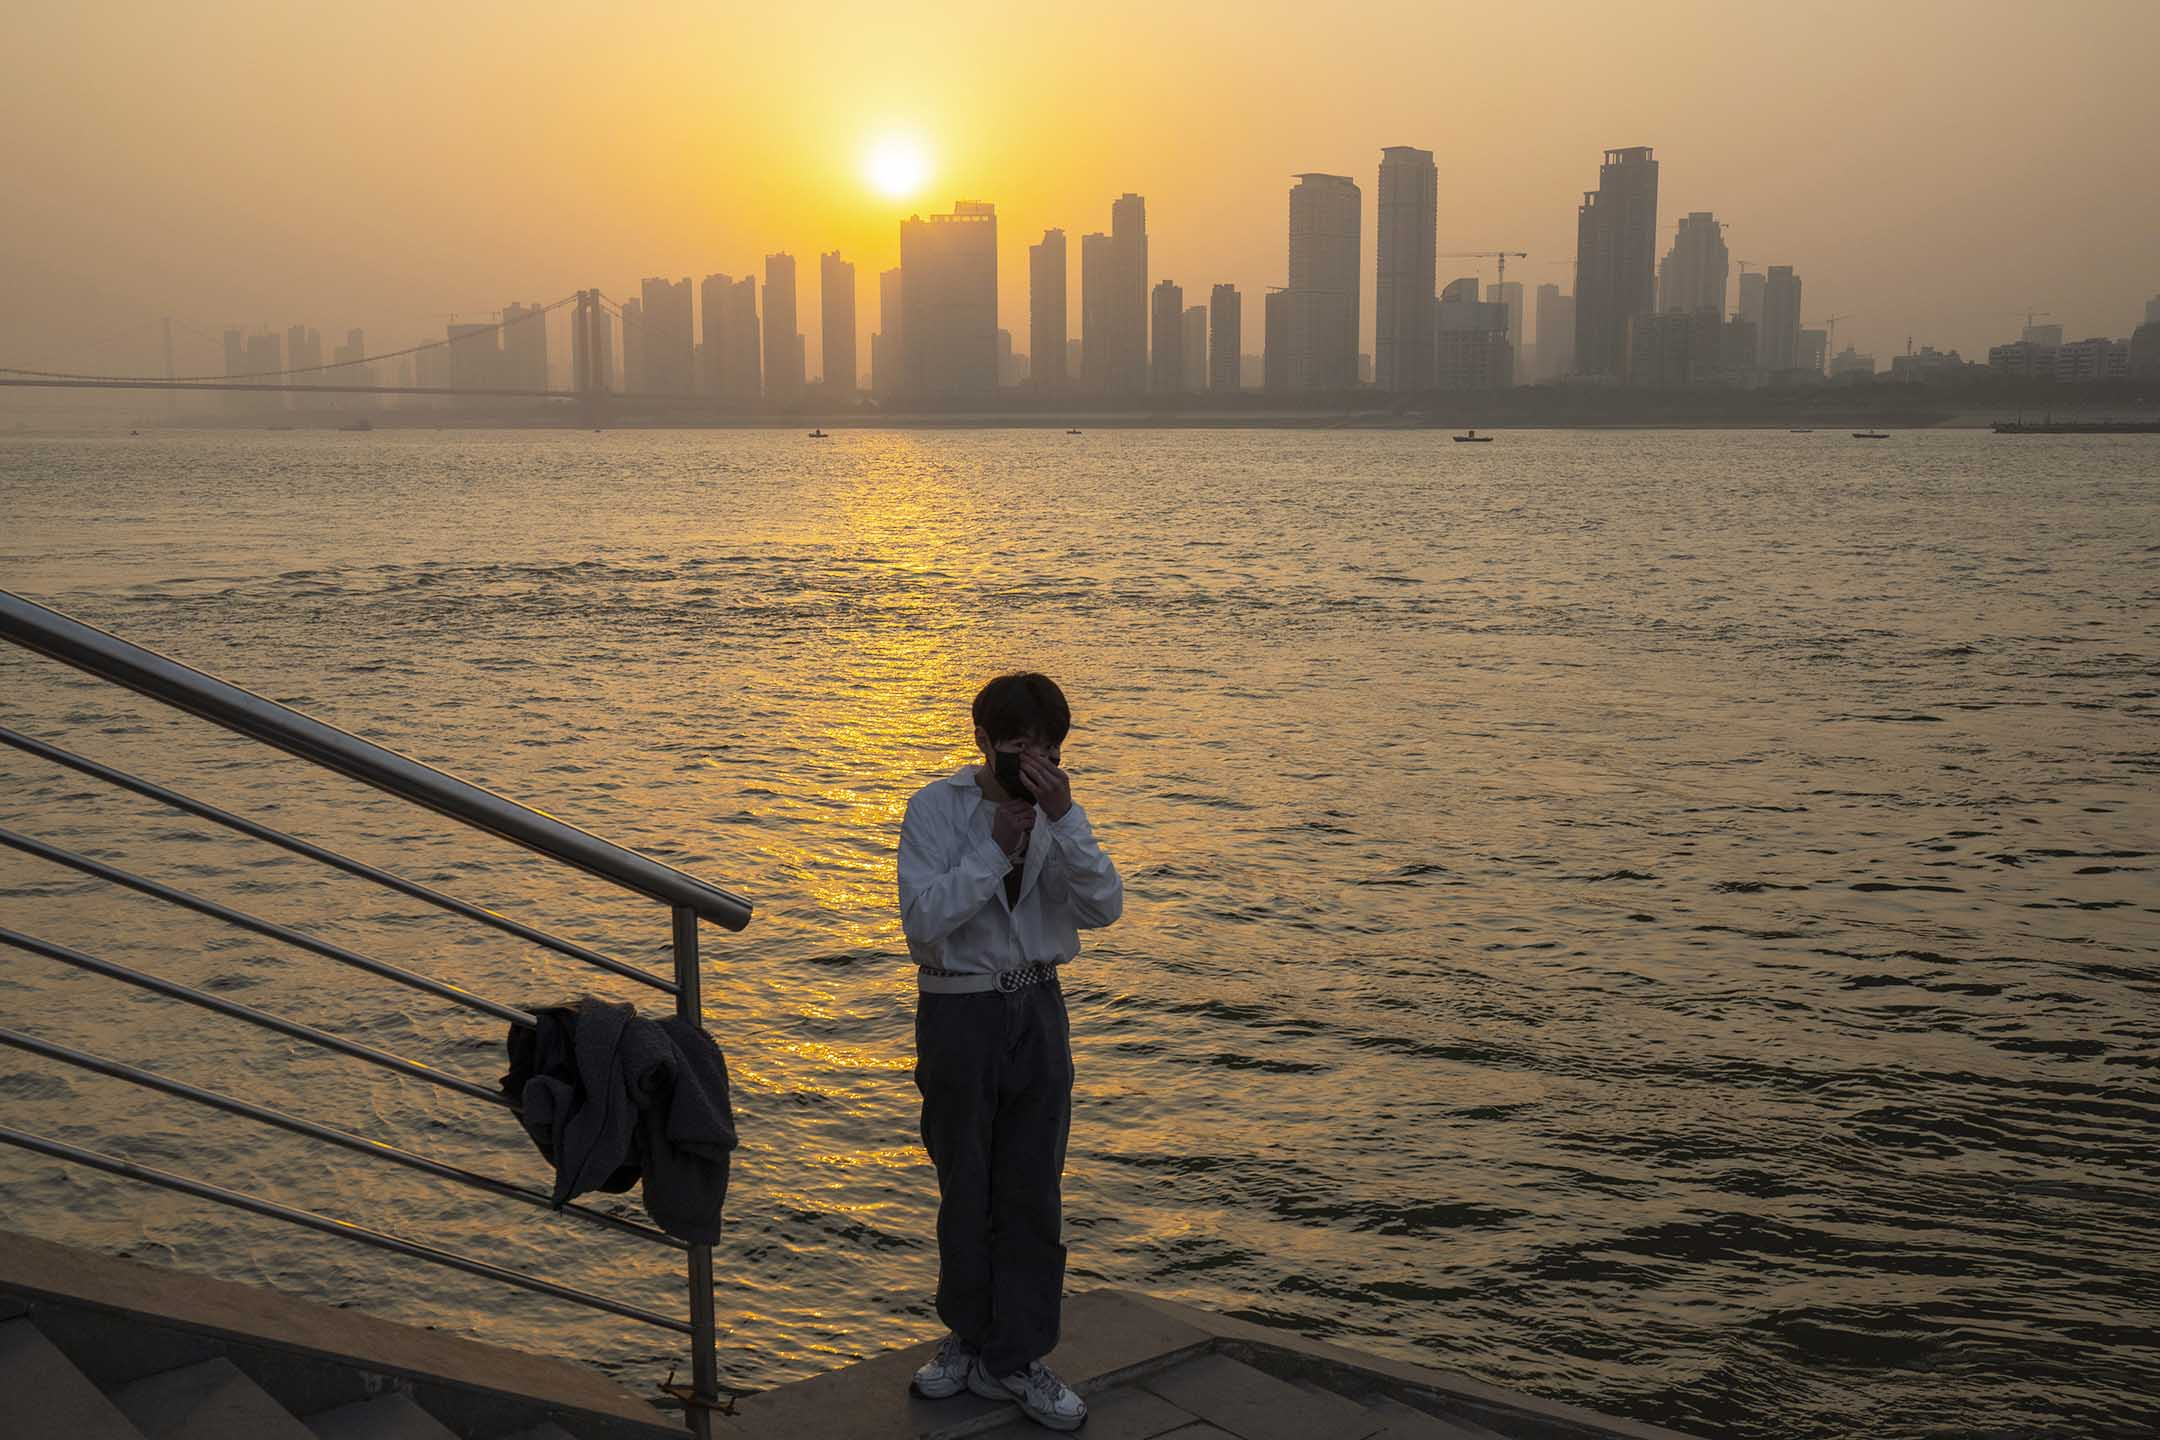 2021年1月15日武漢,一名男子戴著口罩在河岸上。